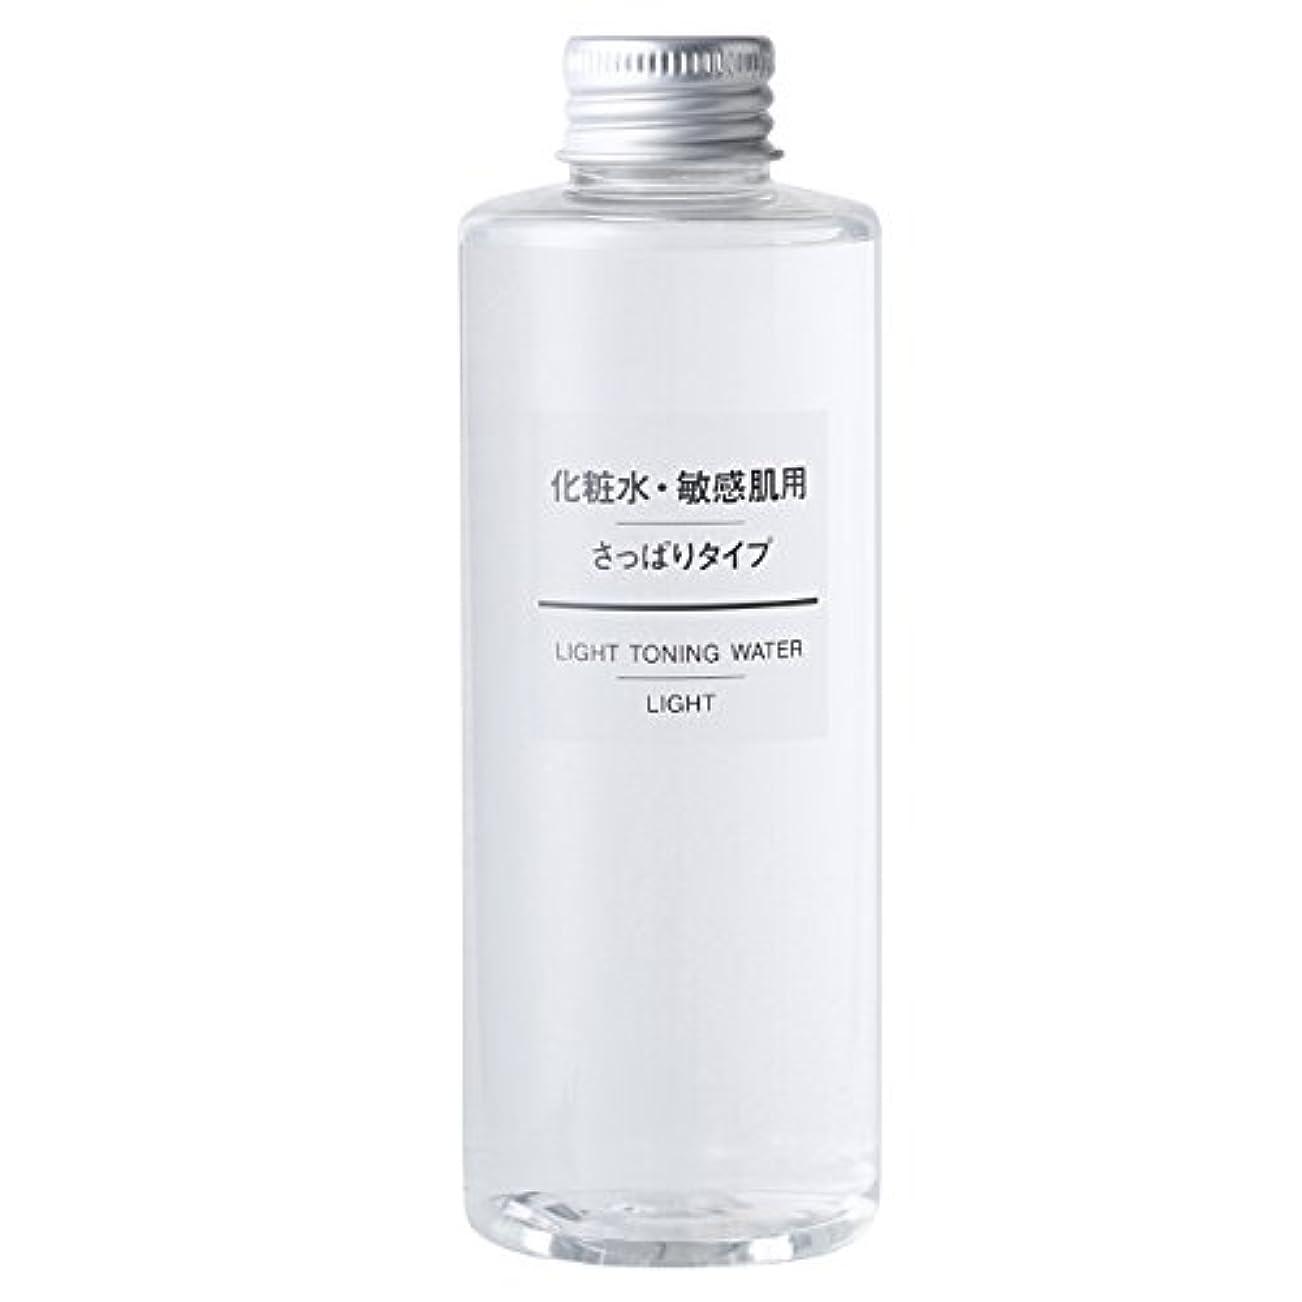 フレア確率承認する無印良品 化粧水?敏感肌用?さっぱりタイプ 200mL